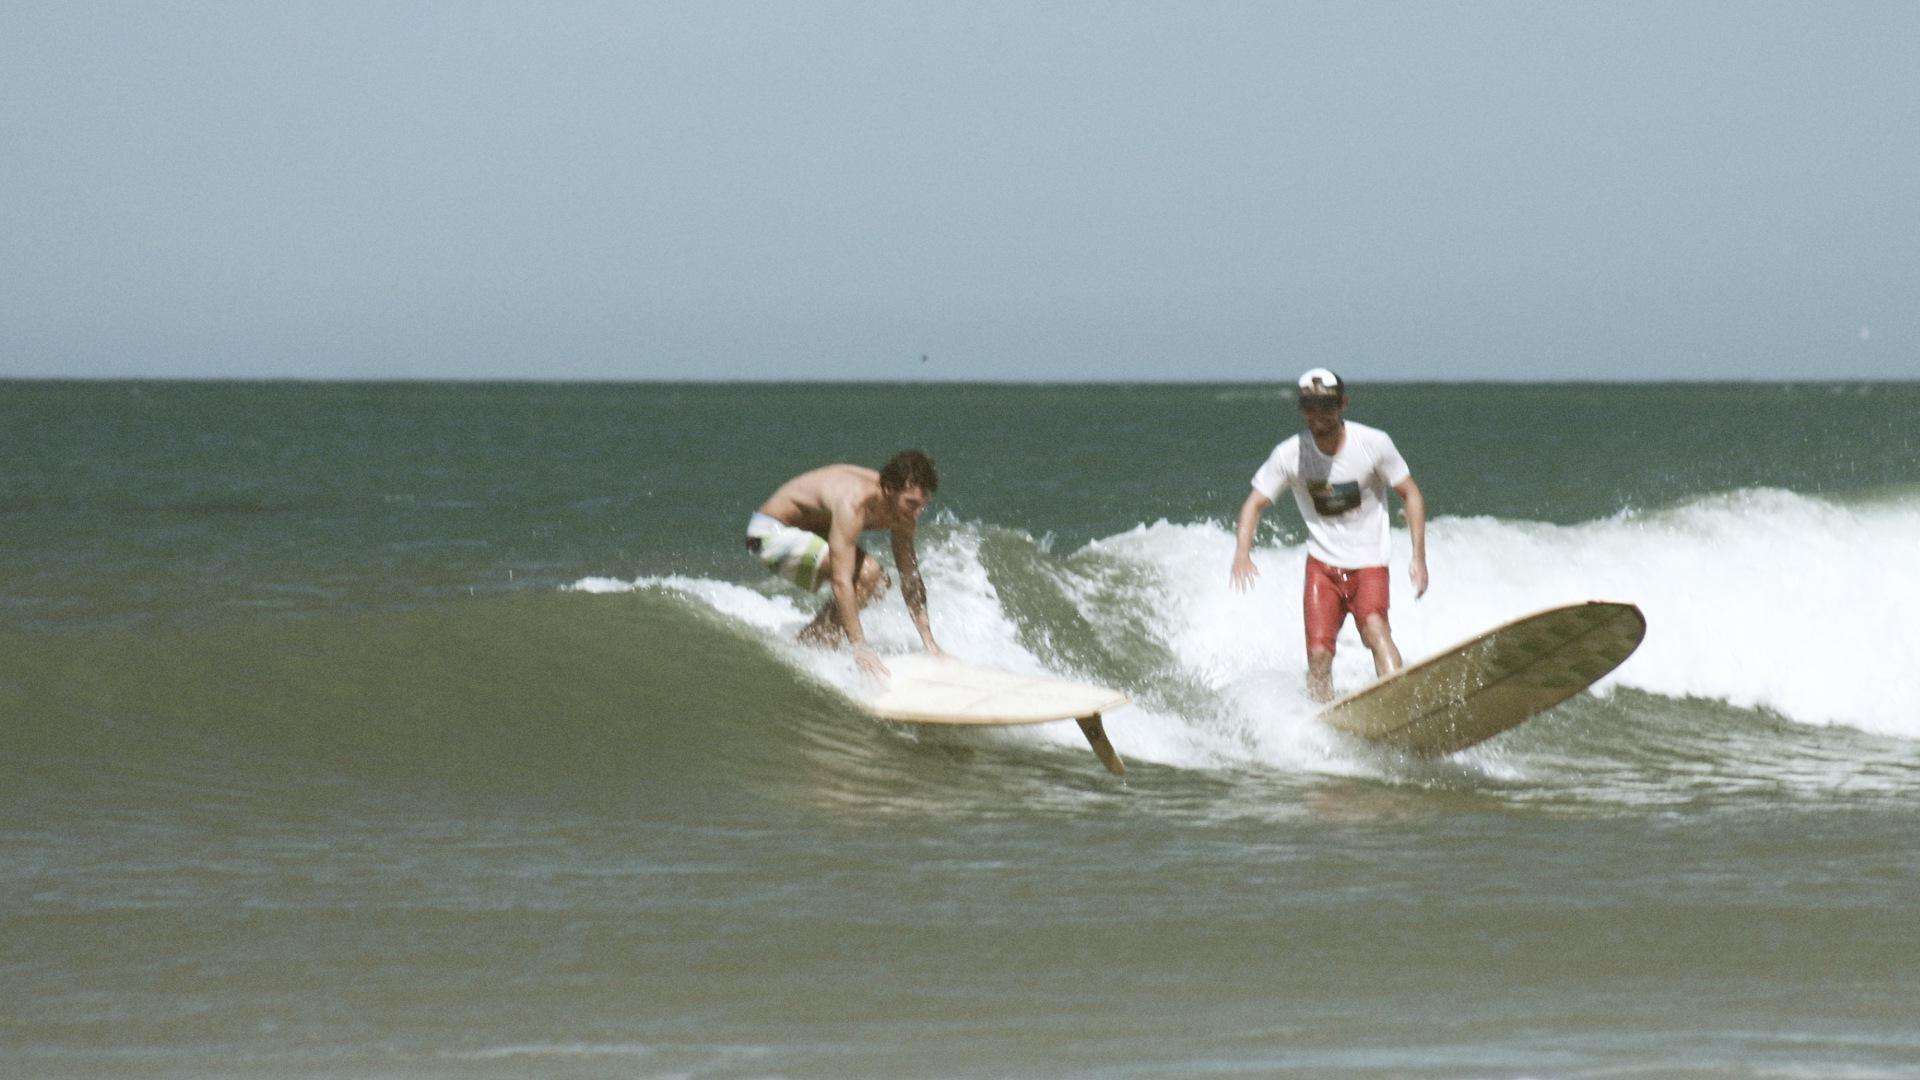 Felipe-fabio-longboard-siebert-surfboards-3